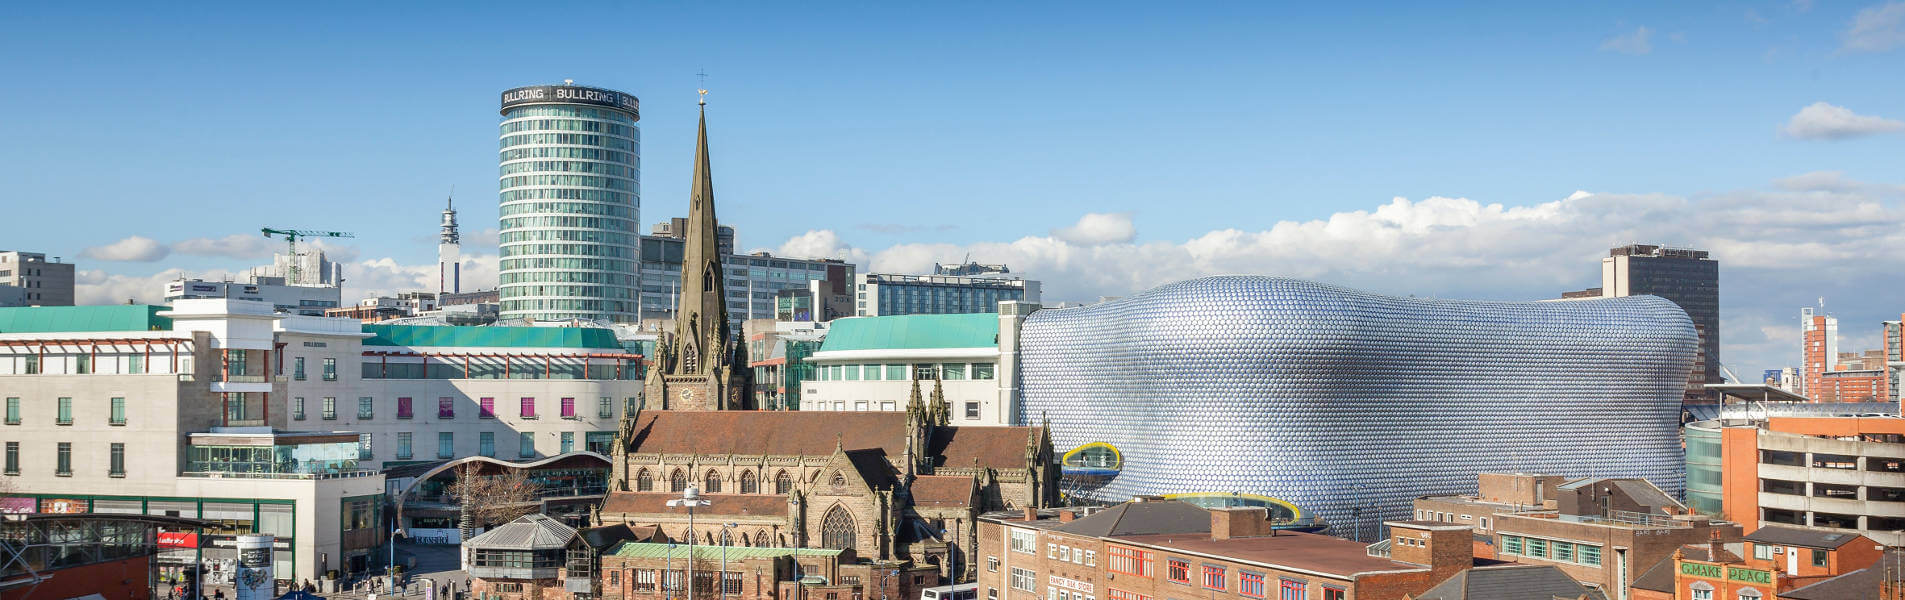 Birmingham Skyline